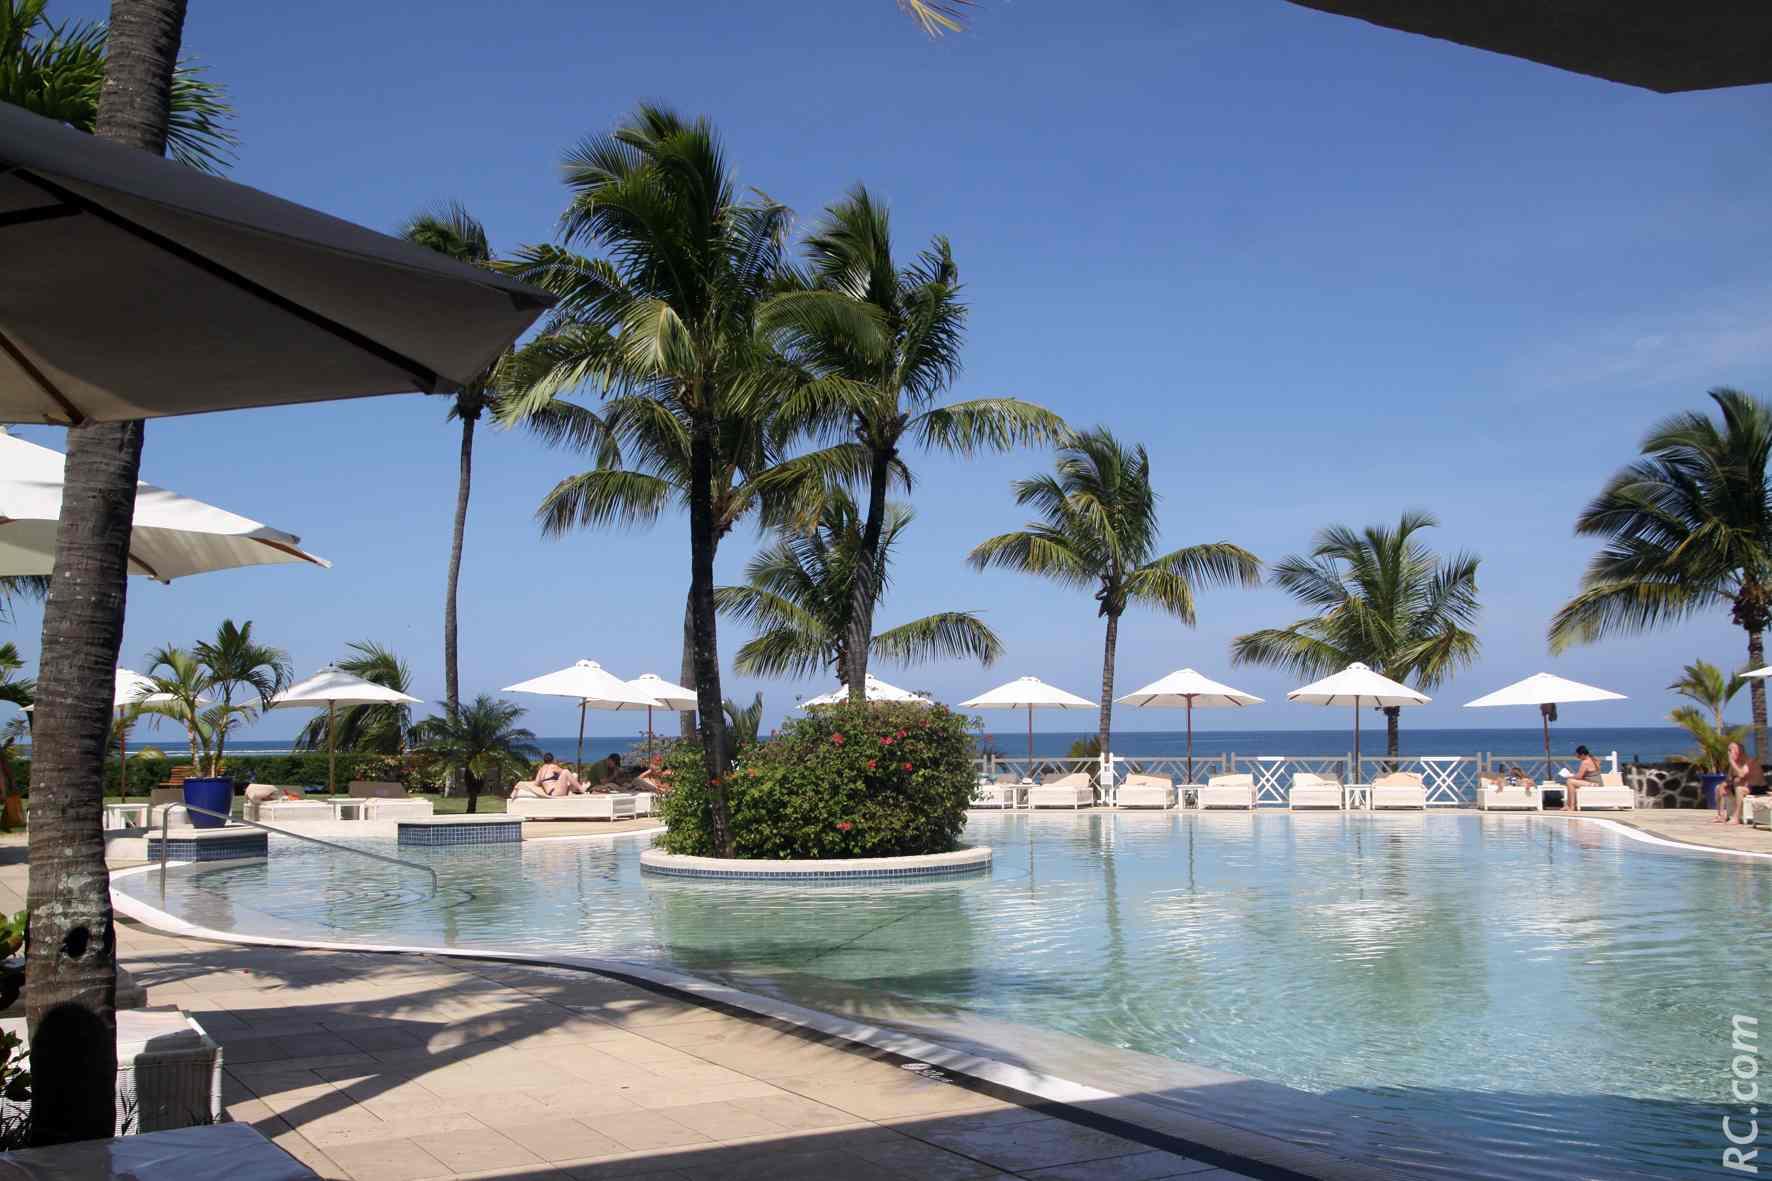 Calme et sérénité autour de la piscine avec vue sur l'océan.